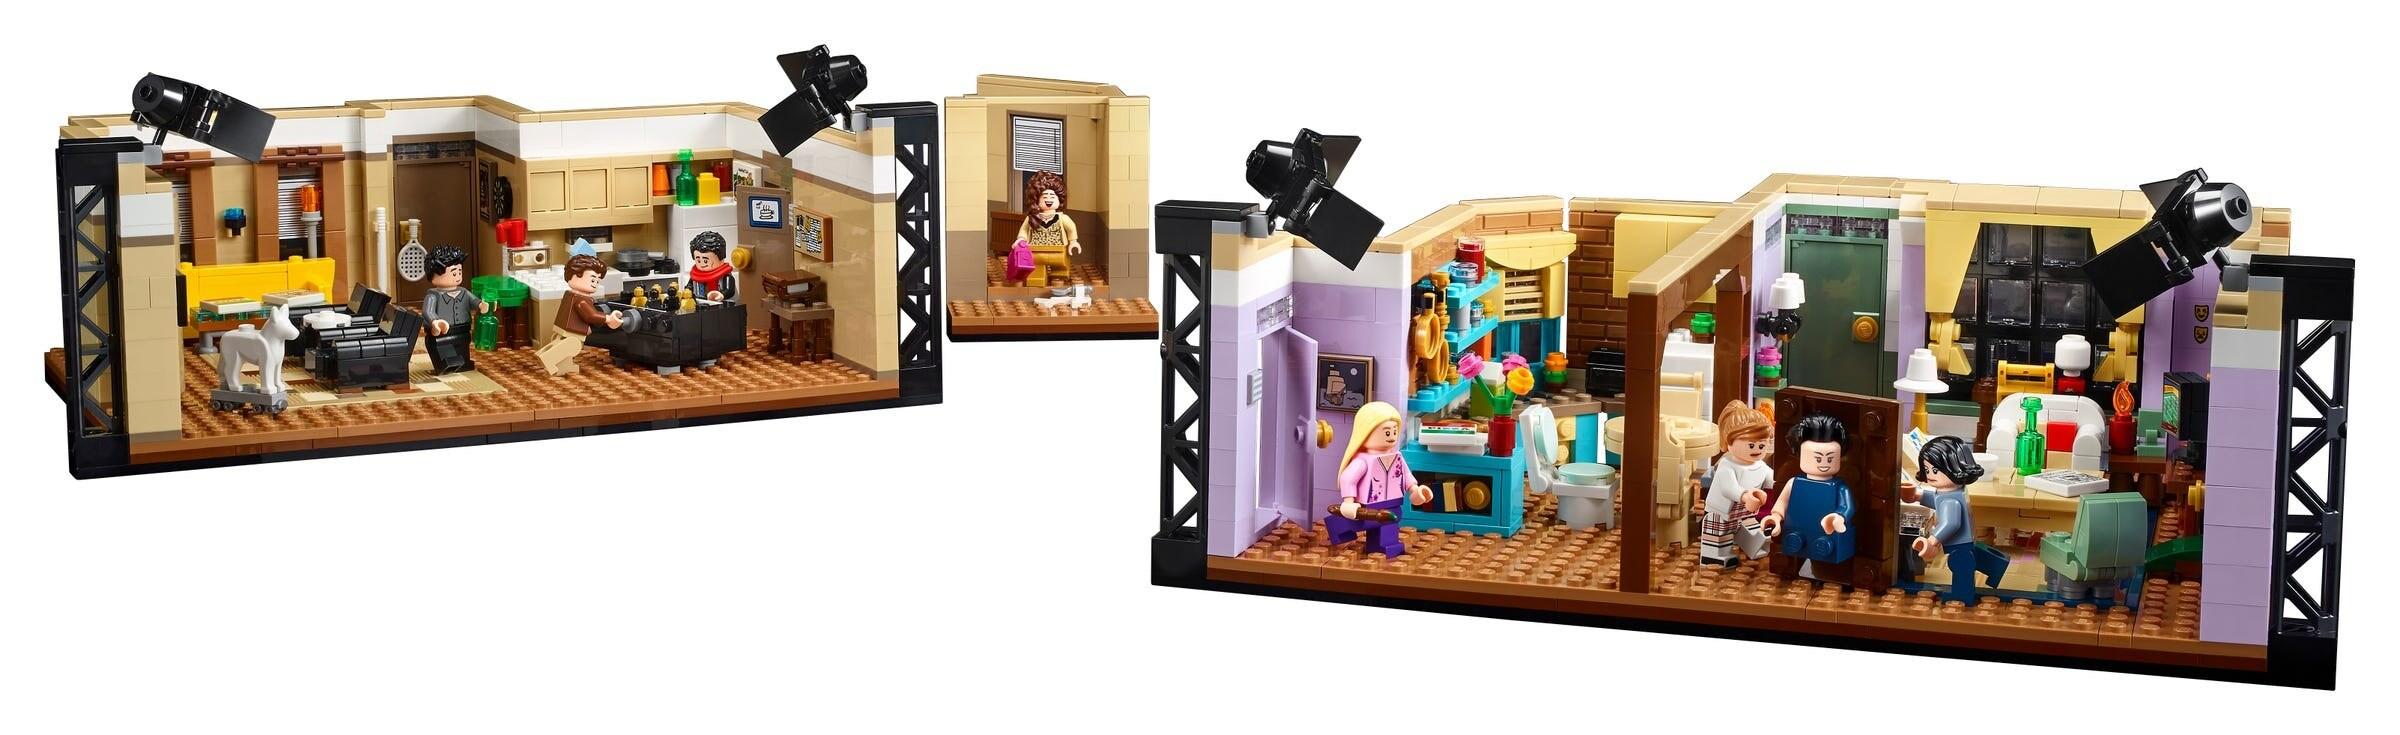 lego appartementi friends (1)